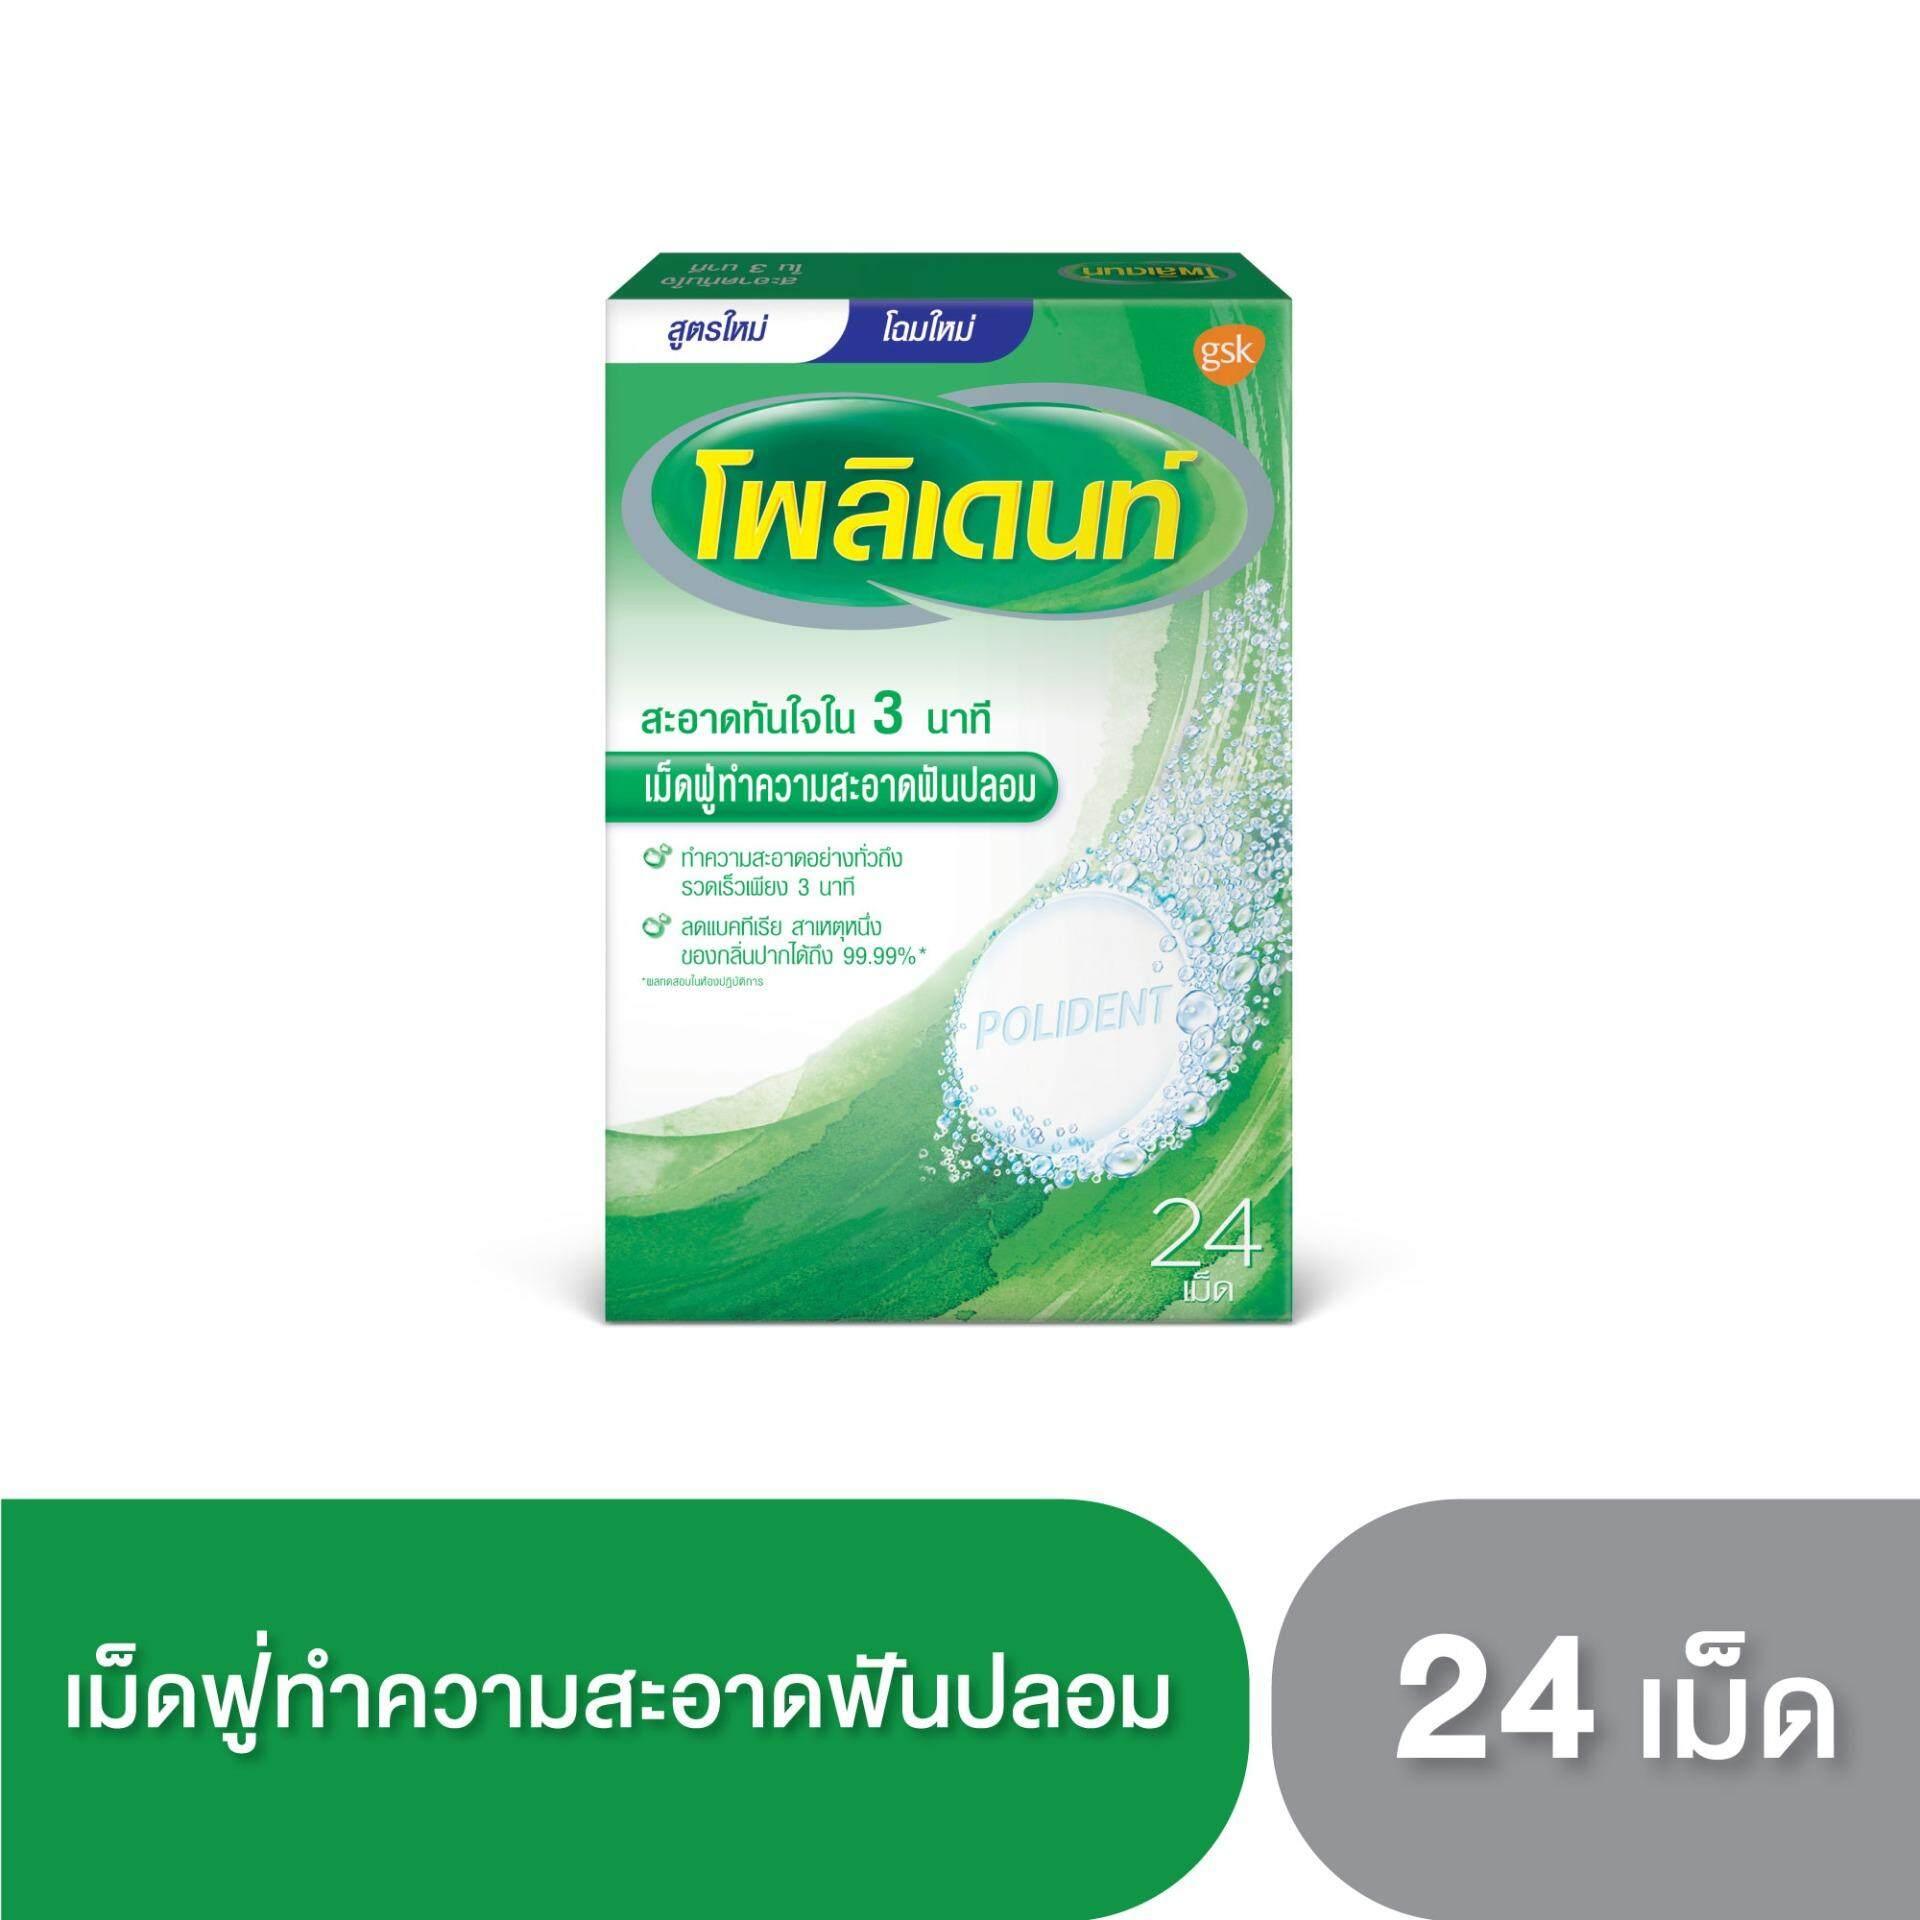 Polident Thailand 24